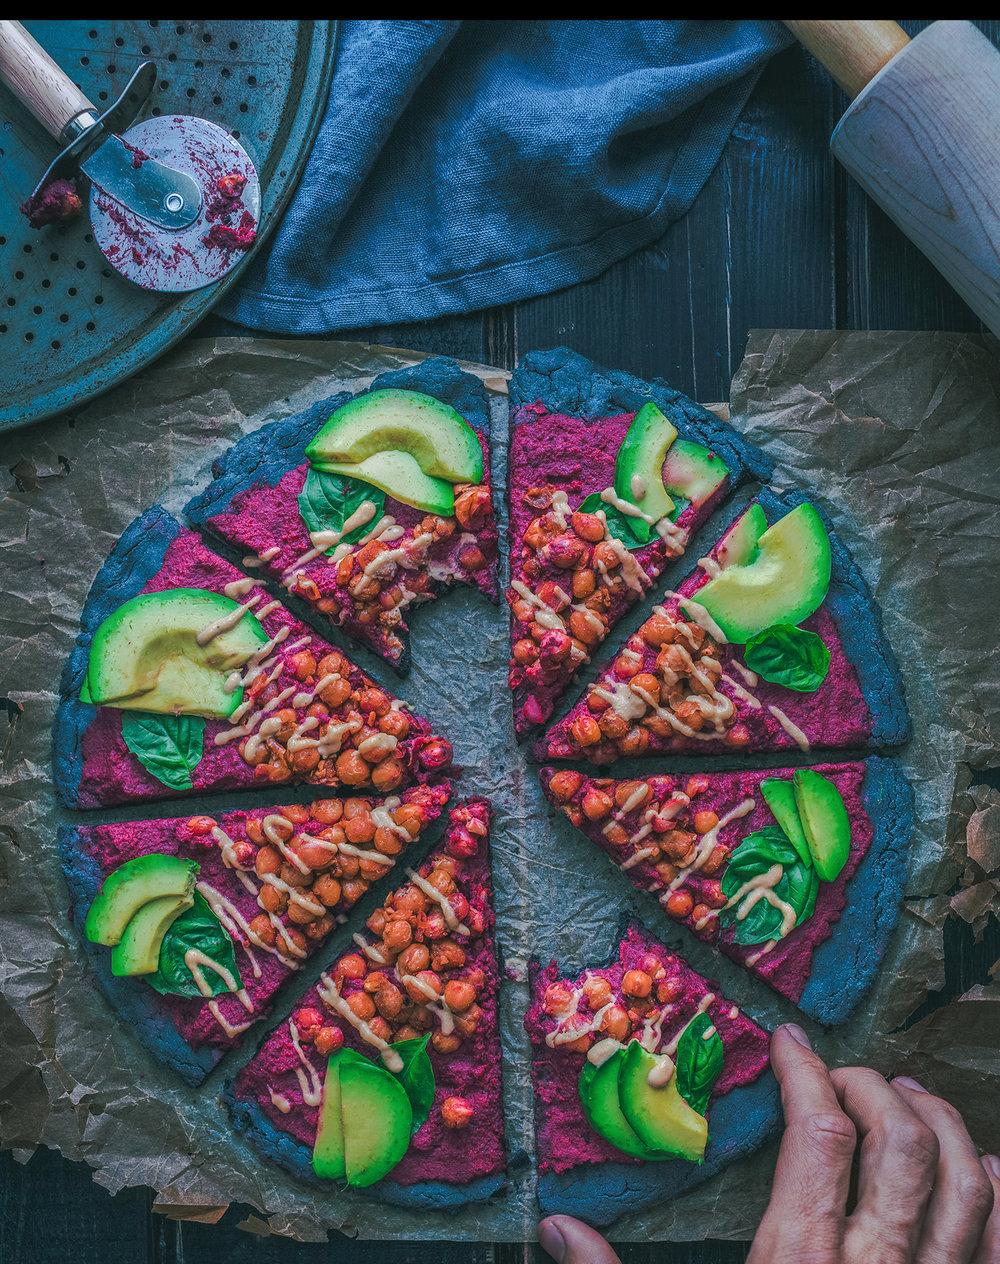 Is-healthy-food-expensive-rustic-vegan-crop.jpg